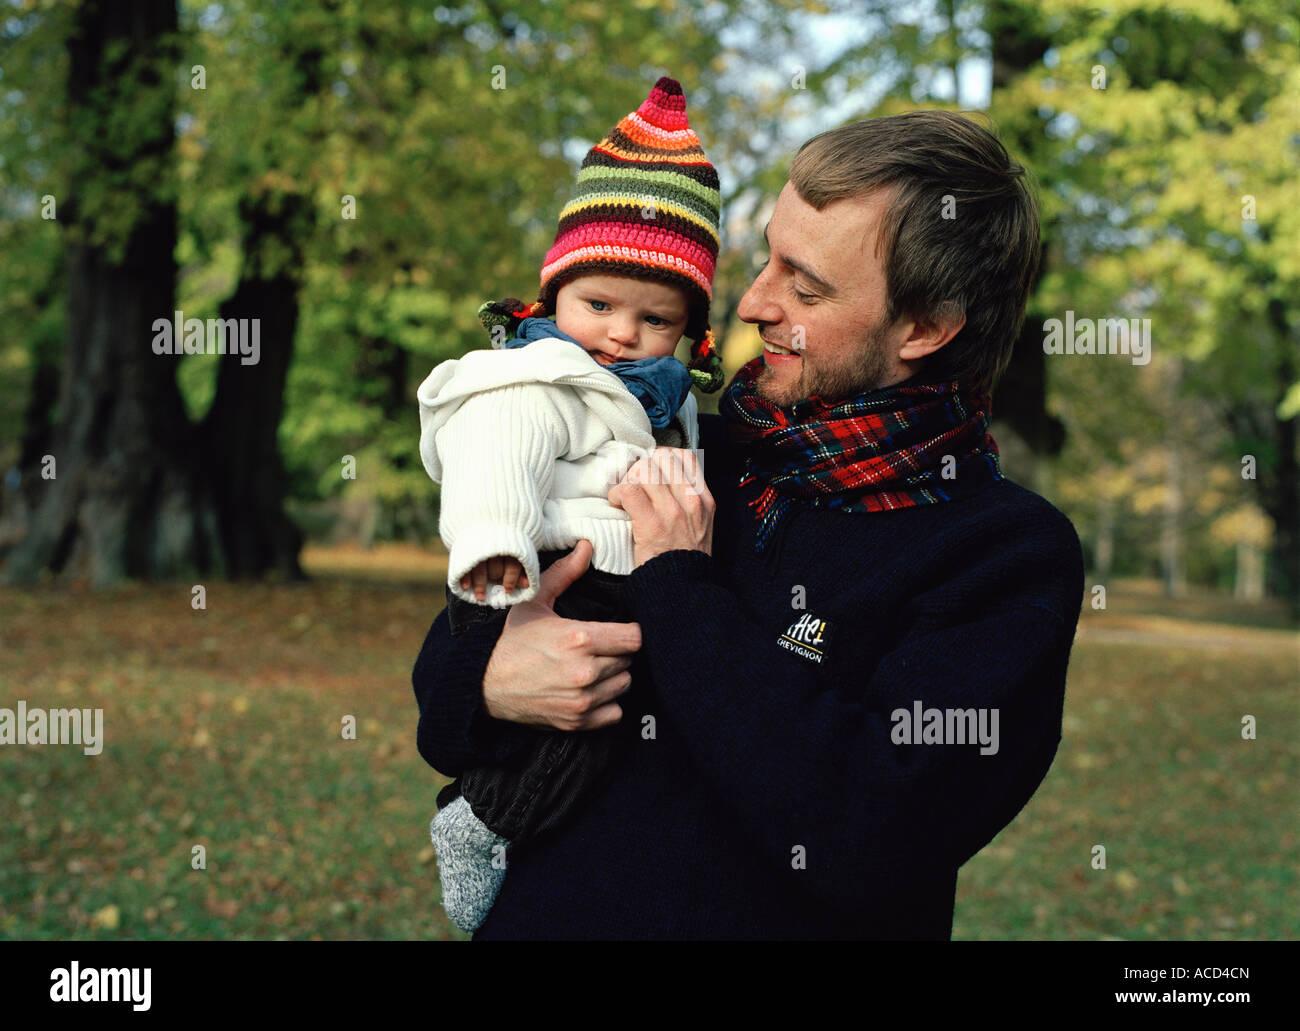 Un bambino portato da suo padre. Immagini Stock